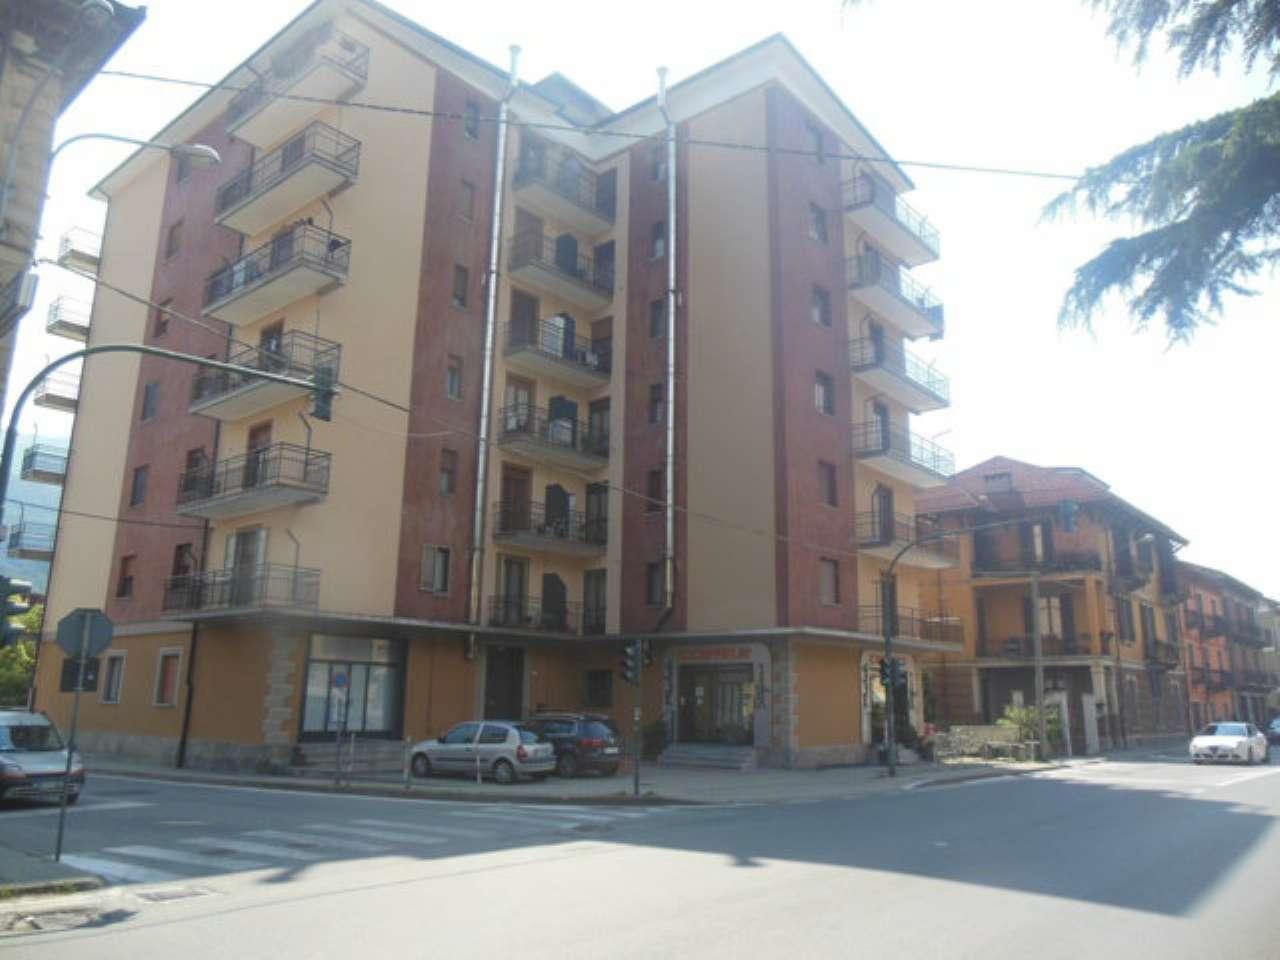 Ufficio / Studio in vendita a Bussoleno, 3 locali, prezzo € 70.000 | CambioCasa.it